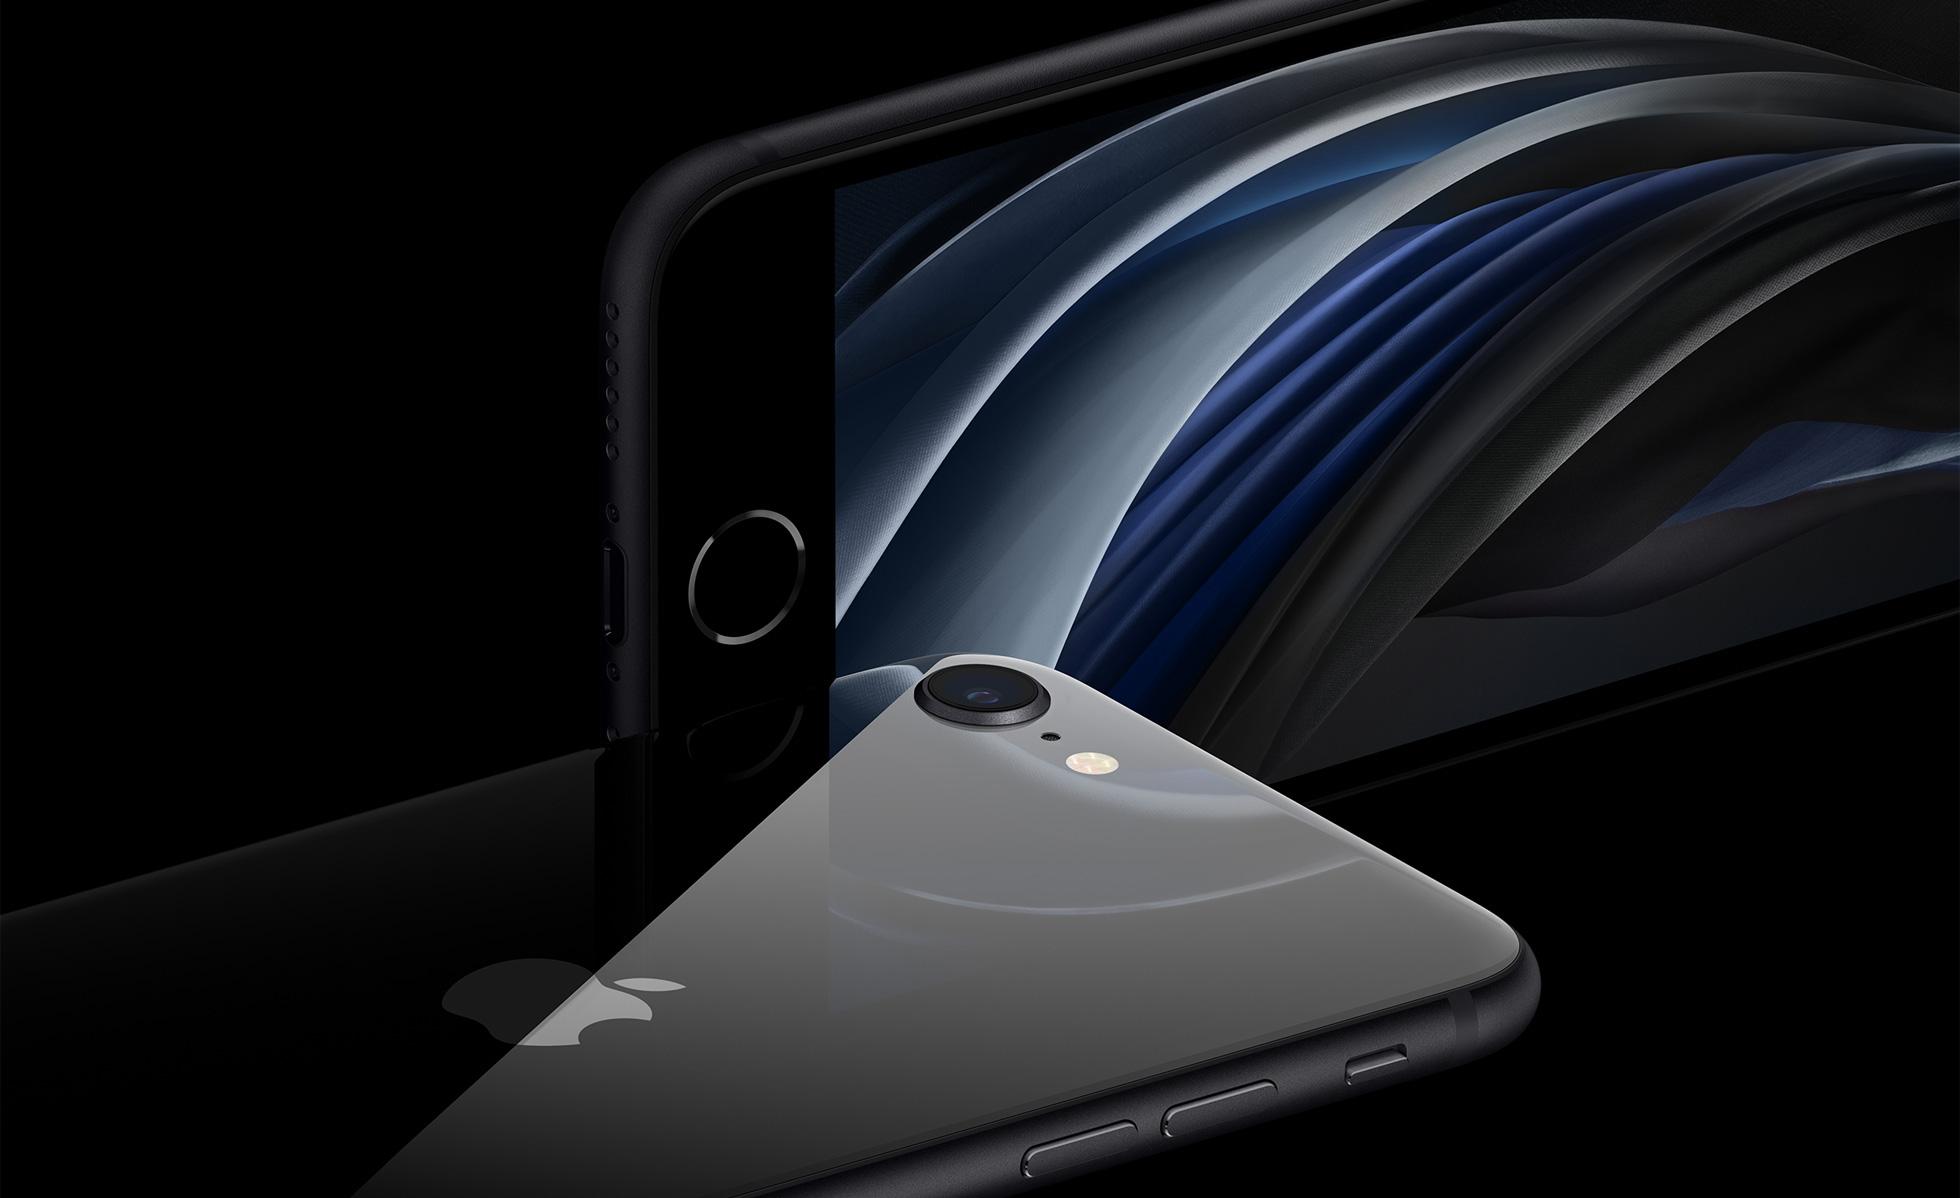 كل ما تريد معرفته عن هاتف iPhone SE الجديد 2020 6